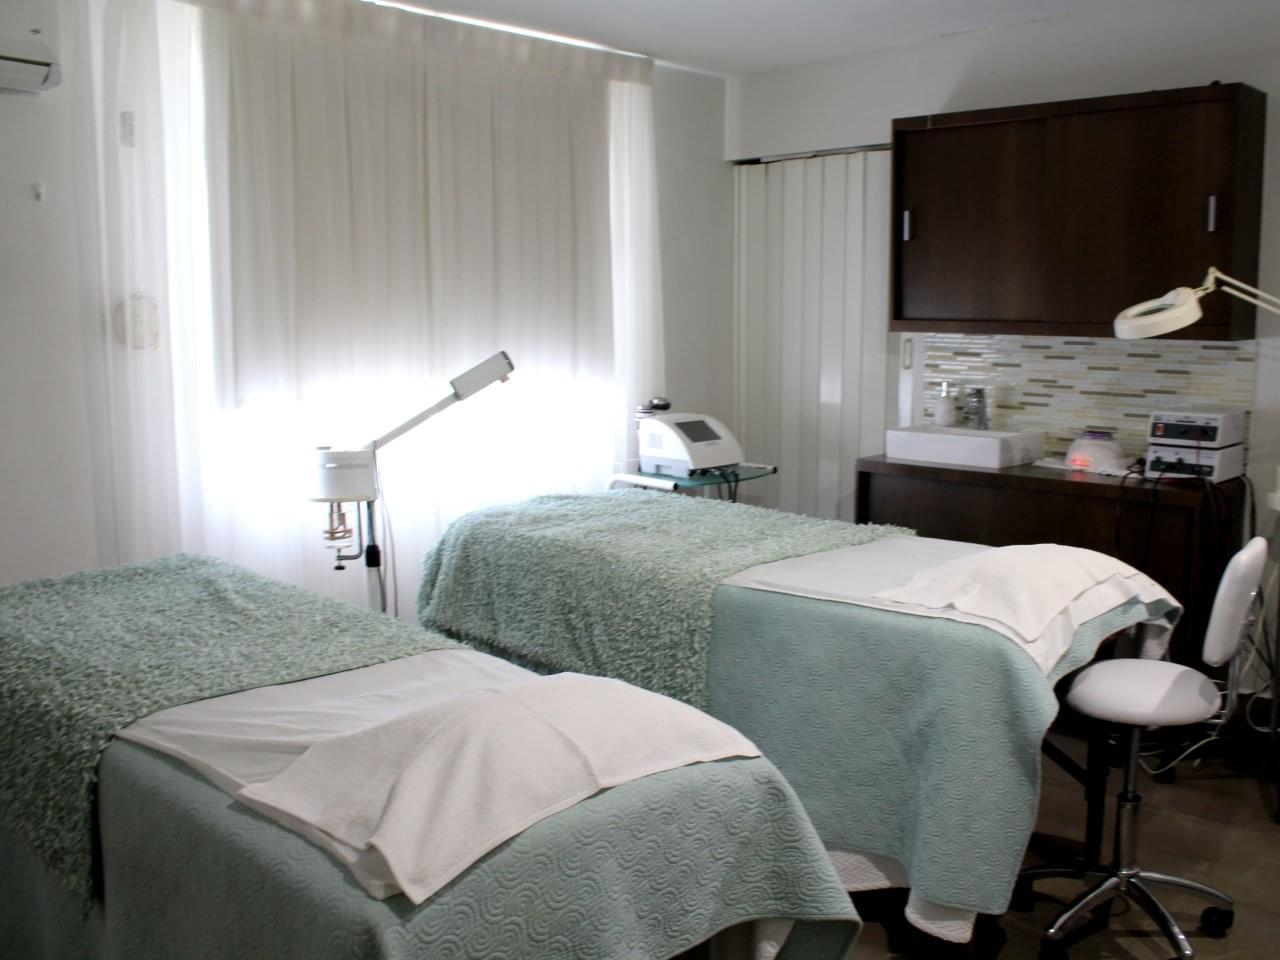 Belle du jour san juan puerto rico beauty salon see for Beauty salon bed